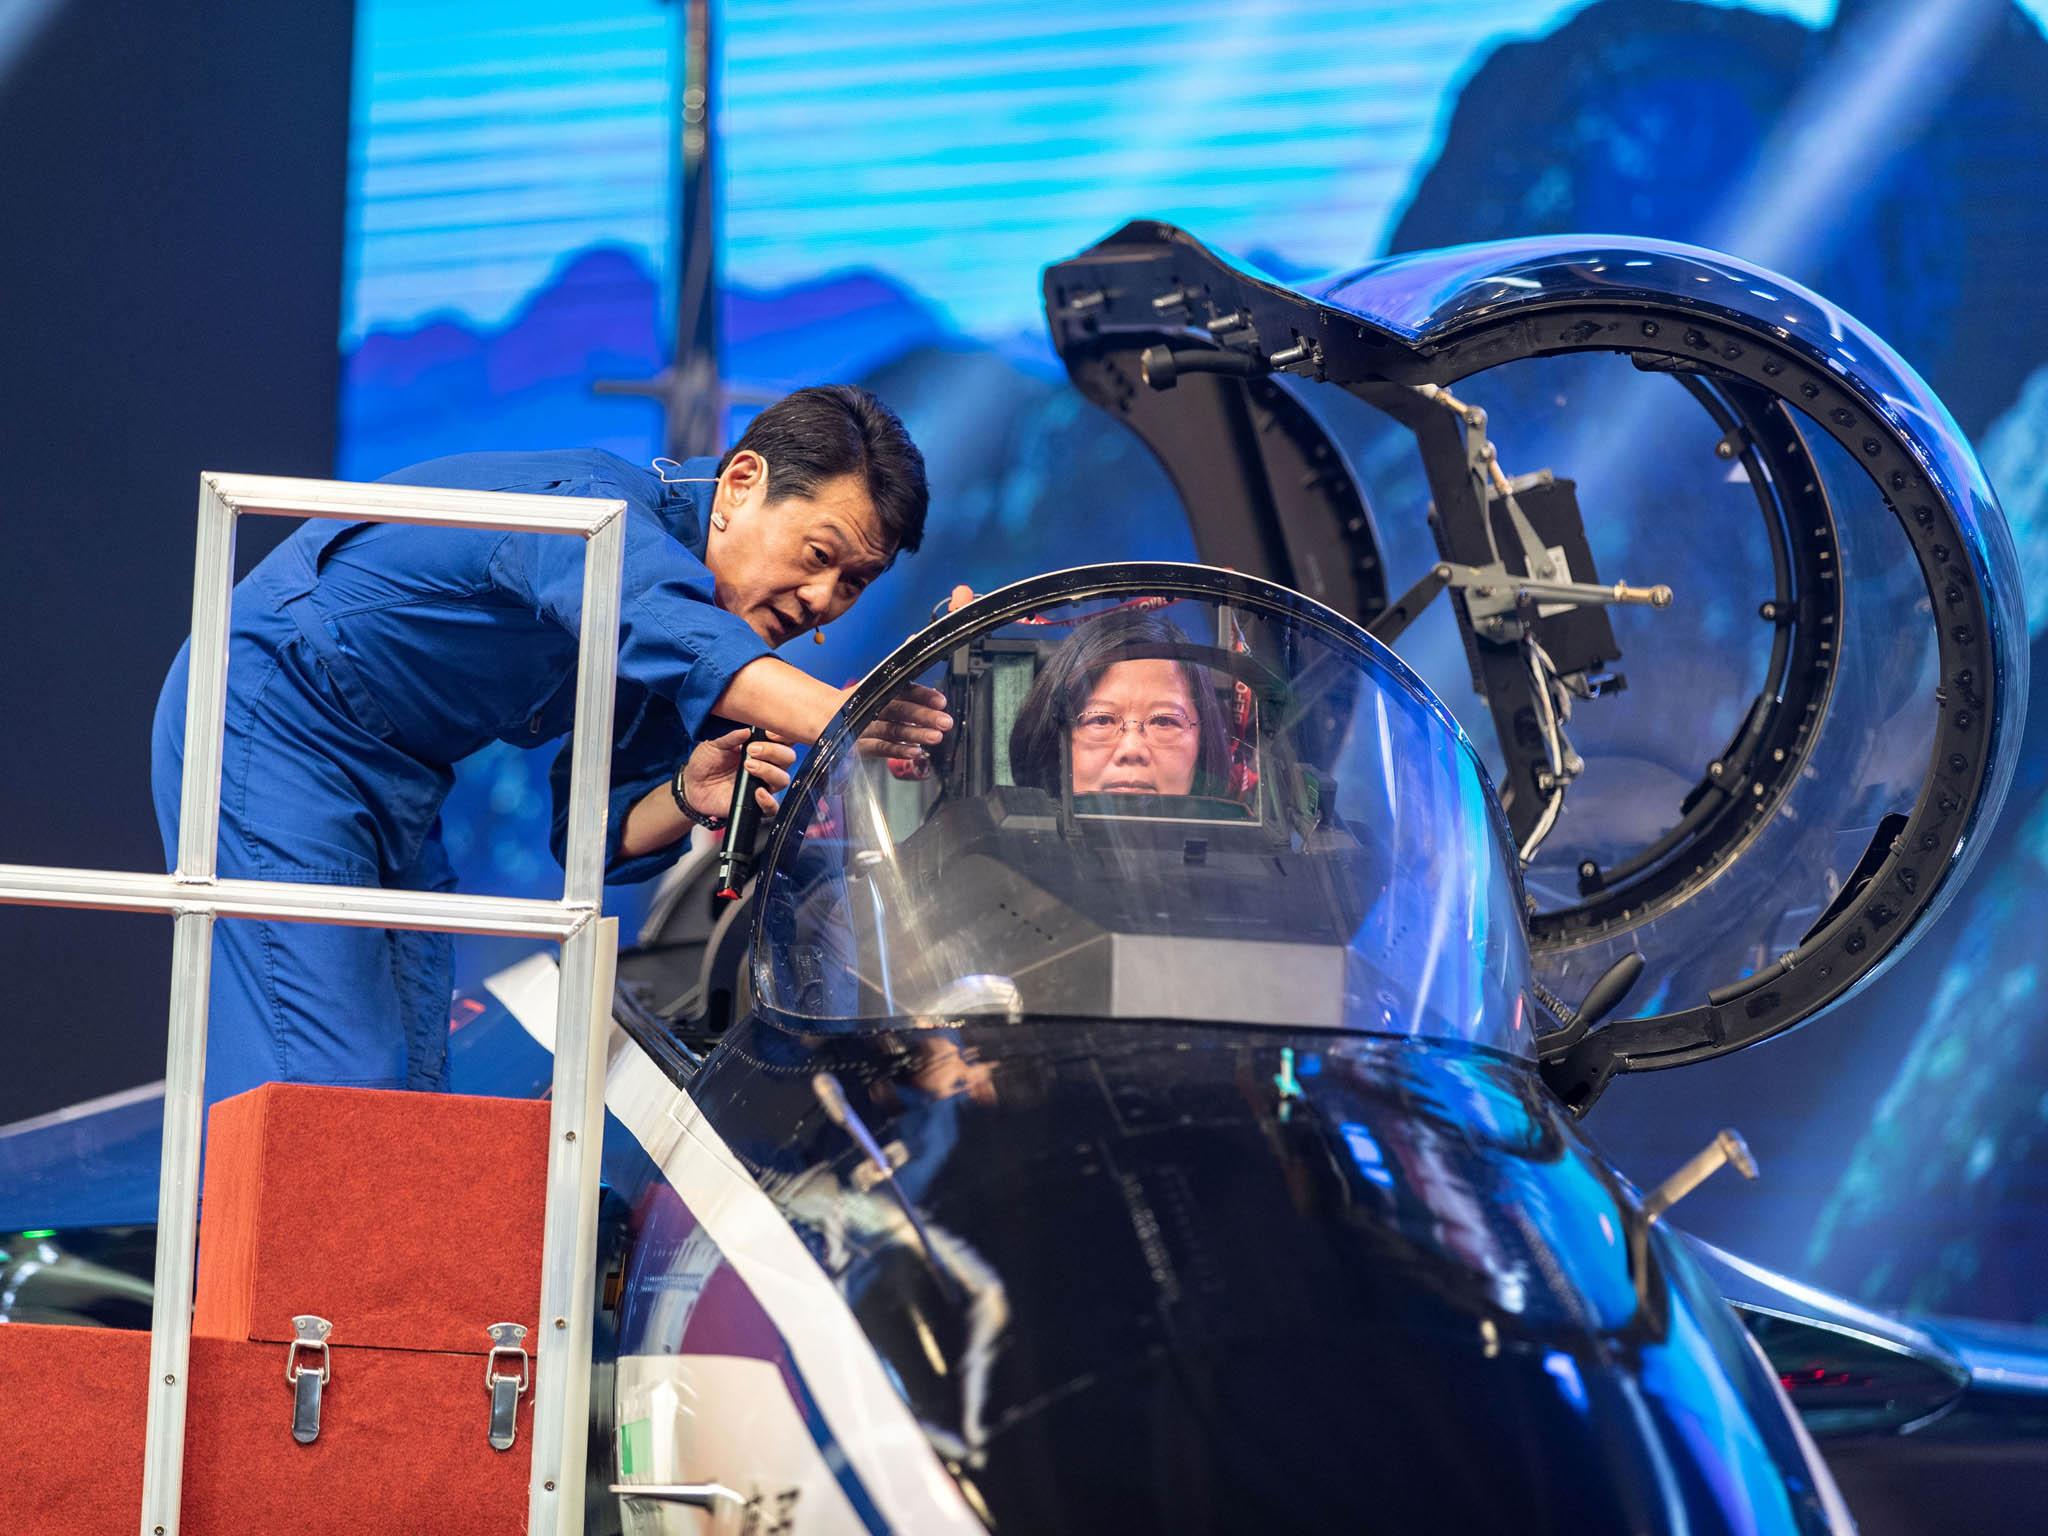 Dokokpitu letounu přezdívaného Statečný orel při úterní slavnostní ceremonii usedla i prezidentka Tcha-jwanu Cchaj Jing-wen.